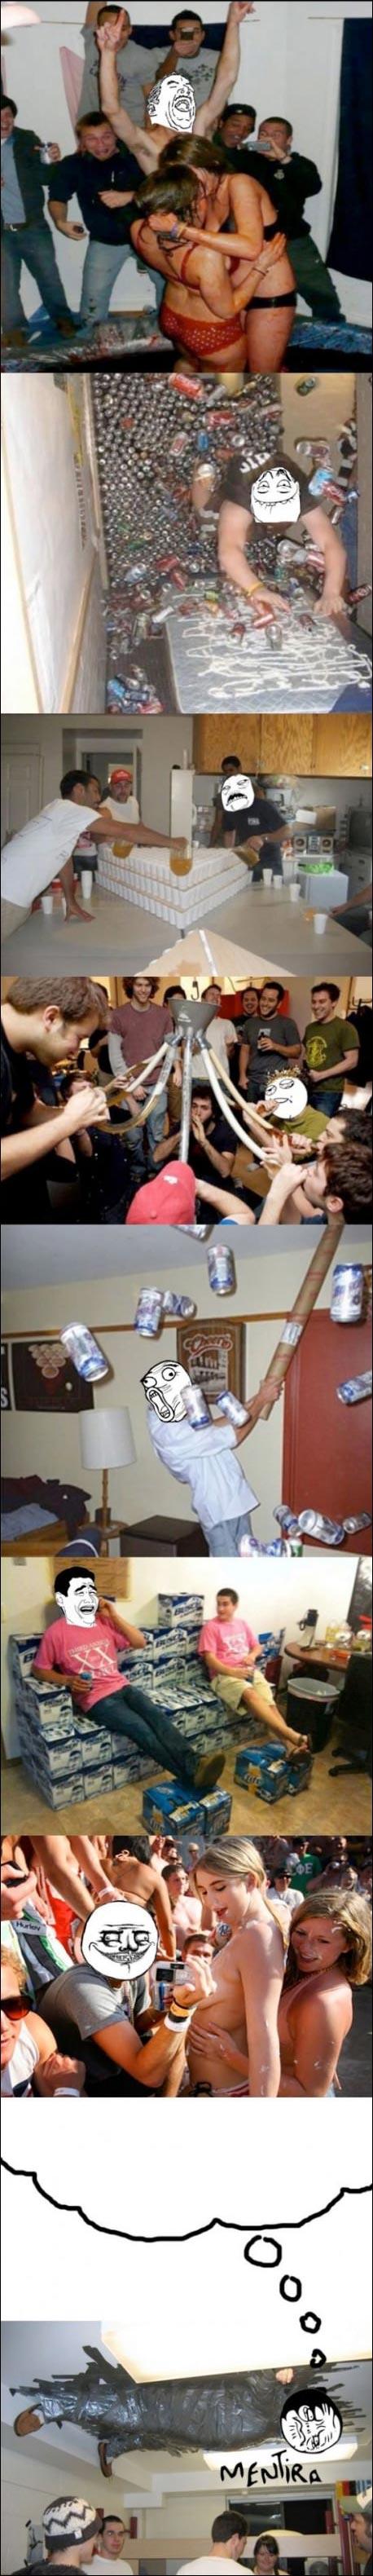 photos cliches de la vie etudiante mythe realite fete alcool fille nichon barathon